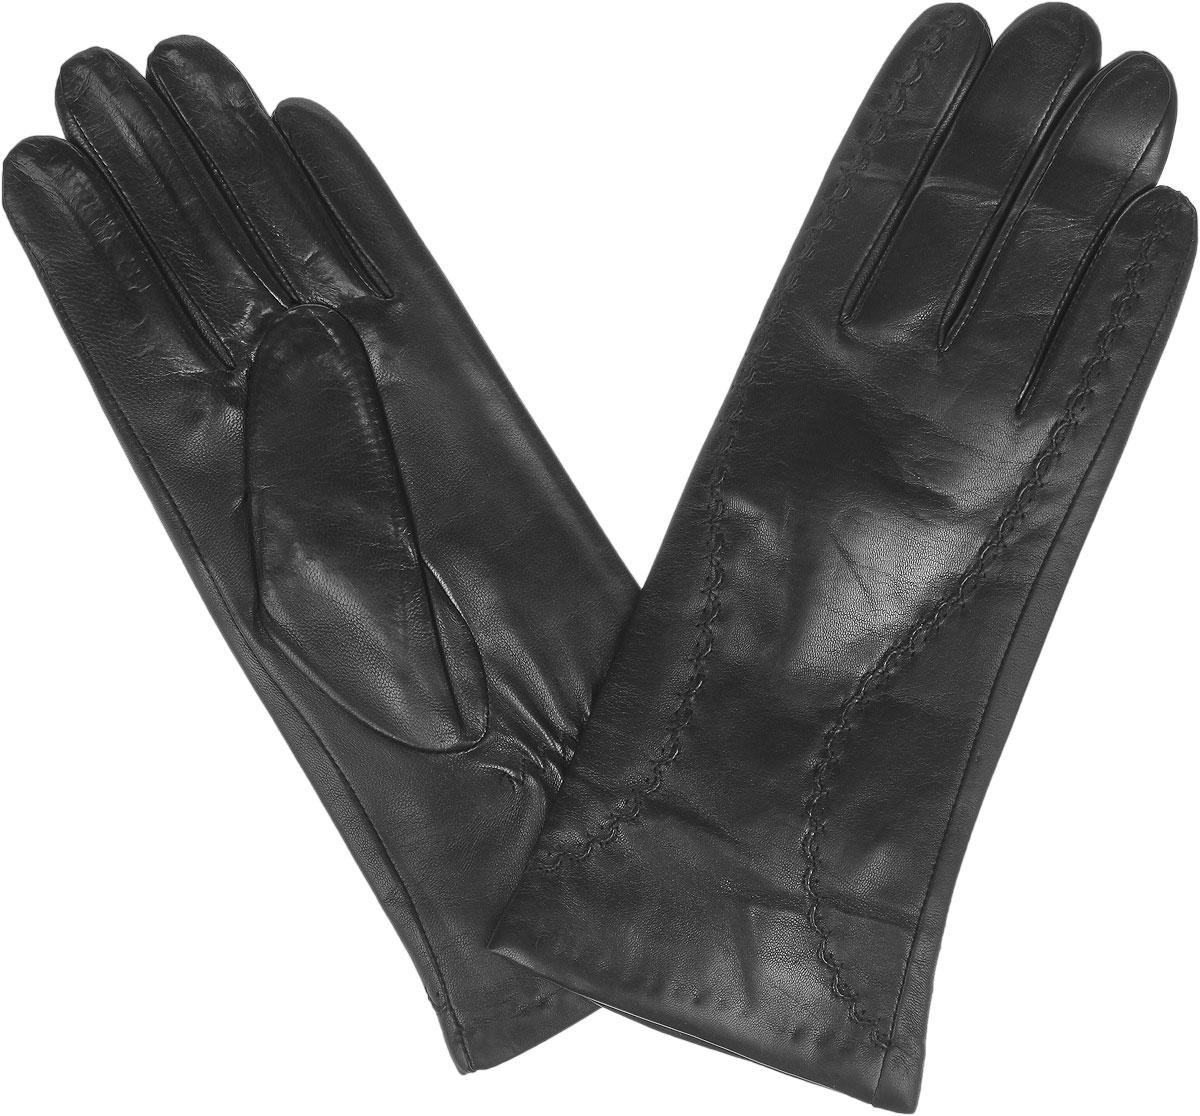 Перчатки2.18-1_blackЖенские перчатки Fabretti защитят ваши руки от холода и станут стильным дополнением к вашему образу. Перчатки изготовлены из натуральной кожи на подкладке из шерсти с добавлением кашемира. Лицевую сторону изделия украшает фигурная прострочка. На запястье модель присборена на небольшие резинки. Перчатки являются неотъемлемой принадлежностью одежды, вместе с этим аксессуаром вы обретаете женственность и элегантность. Они станут завершающим и подчеркивающим элементом вашего неповторимого стиля.